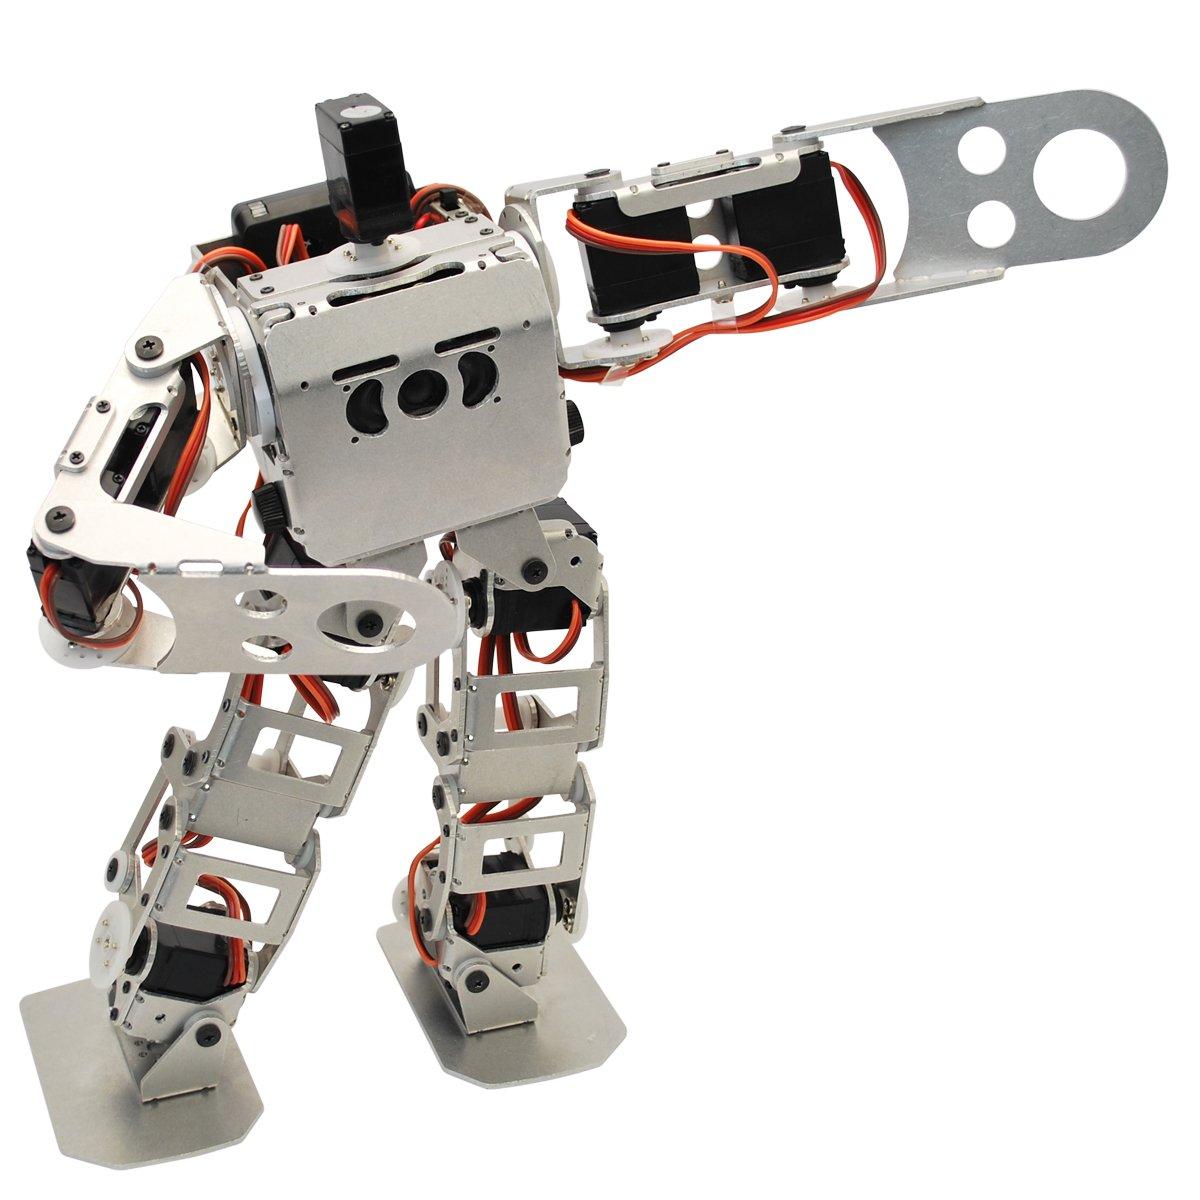 特価 二足歩行ロボットキット Robovie-nano(組み立てキット版) 人型] [ラジコン 人型] [ラジコン [vstone] [vstone] B002QYYYDW, トオカマチシ:6e4fd6c3 --- diceanalytics.pk